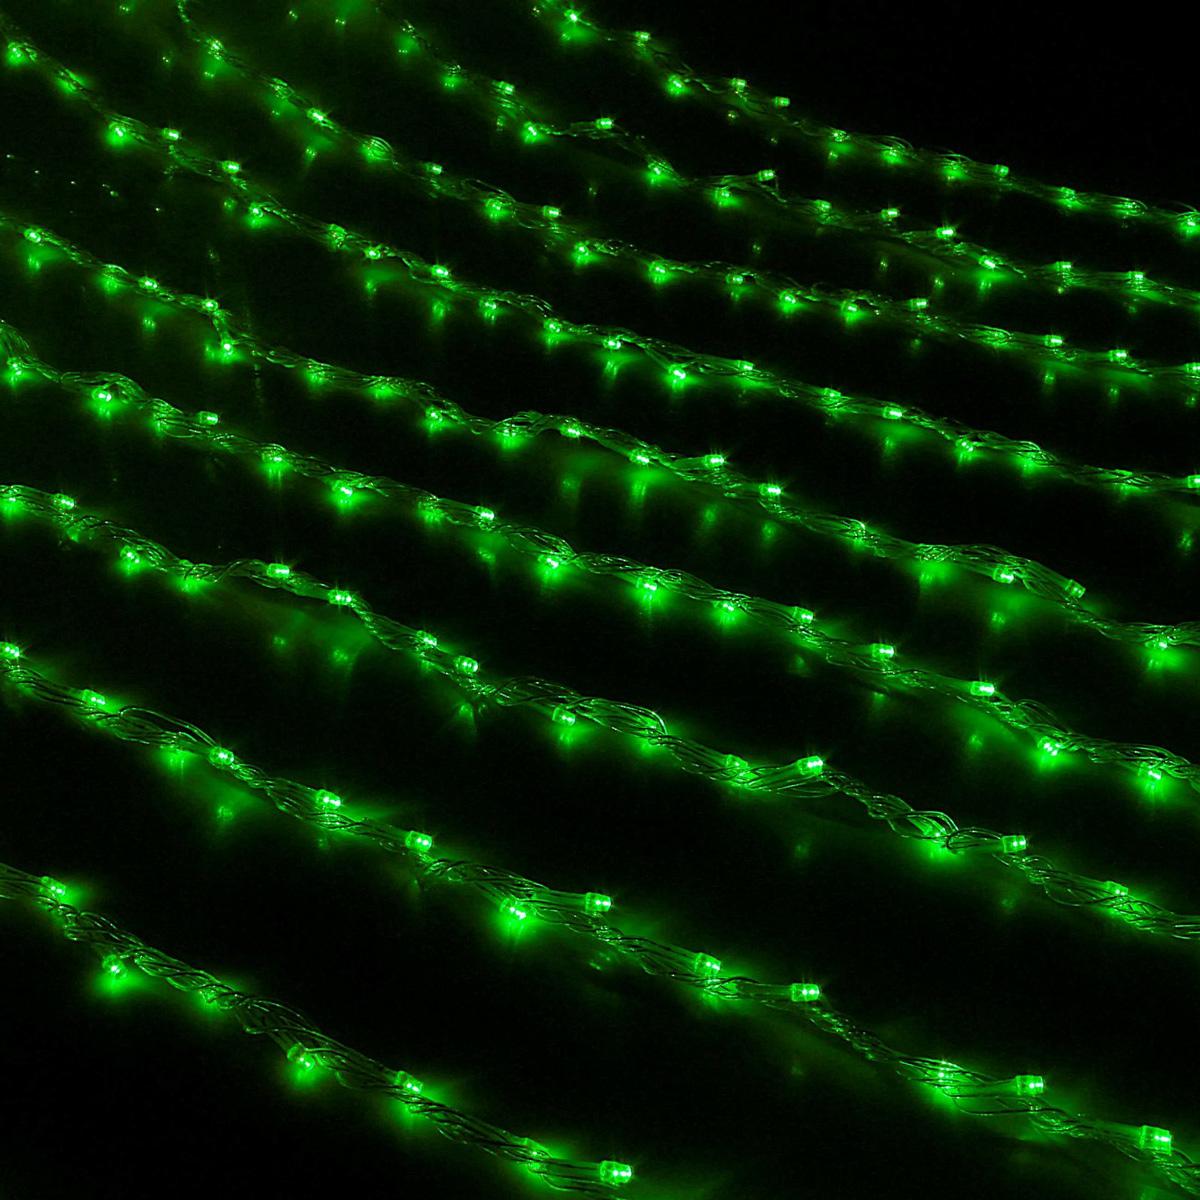 Гирлянда светодиодная Luazon Дождь, уличная, 8 режимов, 800 ламп, 220 V, цвет: зеленый, 2 х 3 м. 187298187298Светодиодные гирлянды, ленты и т.д — это отличный вариант для новогоднего оформления интерьера или фасада. С их помощью помещение любого размера можно превратить в праздничный зал, а внешние элементы зданий, украшенные ими, мгновенно станут напоминать очертания сказочного дворца. Такие украшения создают ауру предвкушения чуда. Деревья, фасады, витрины, окна и арки будто специально созданы, чтобы вы украсили их светящимися нитями.